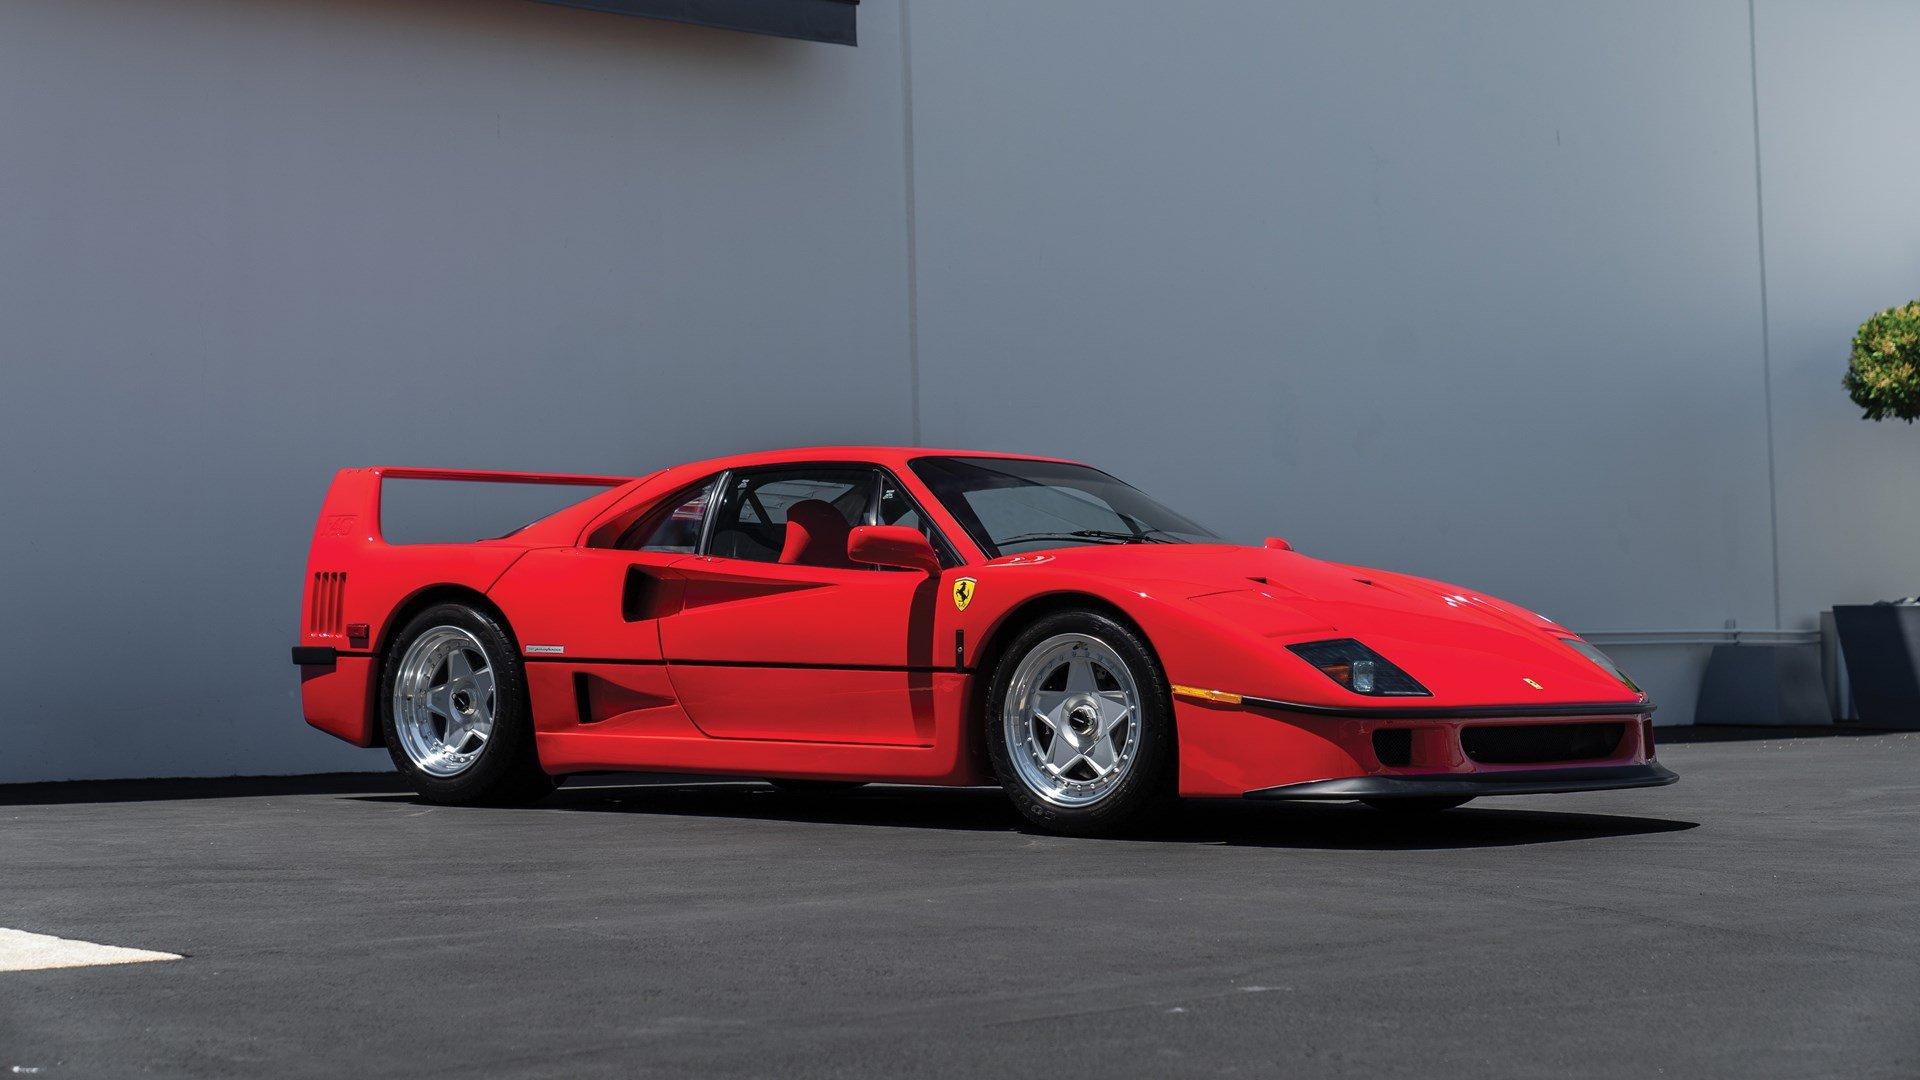 1991 ferrari f40 classic